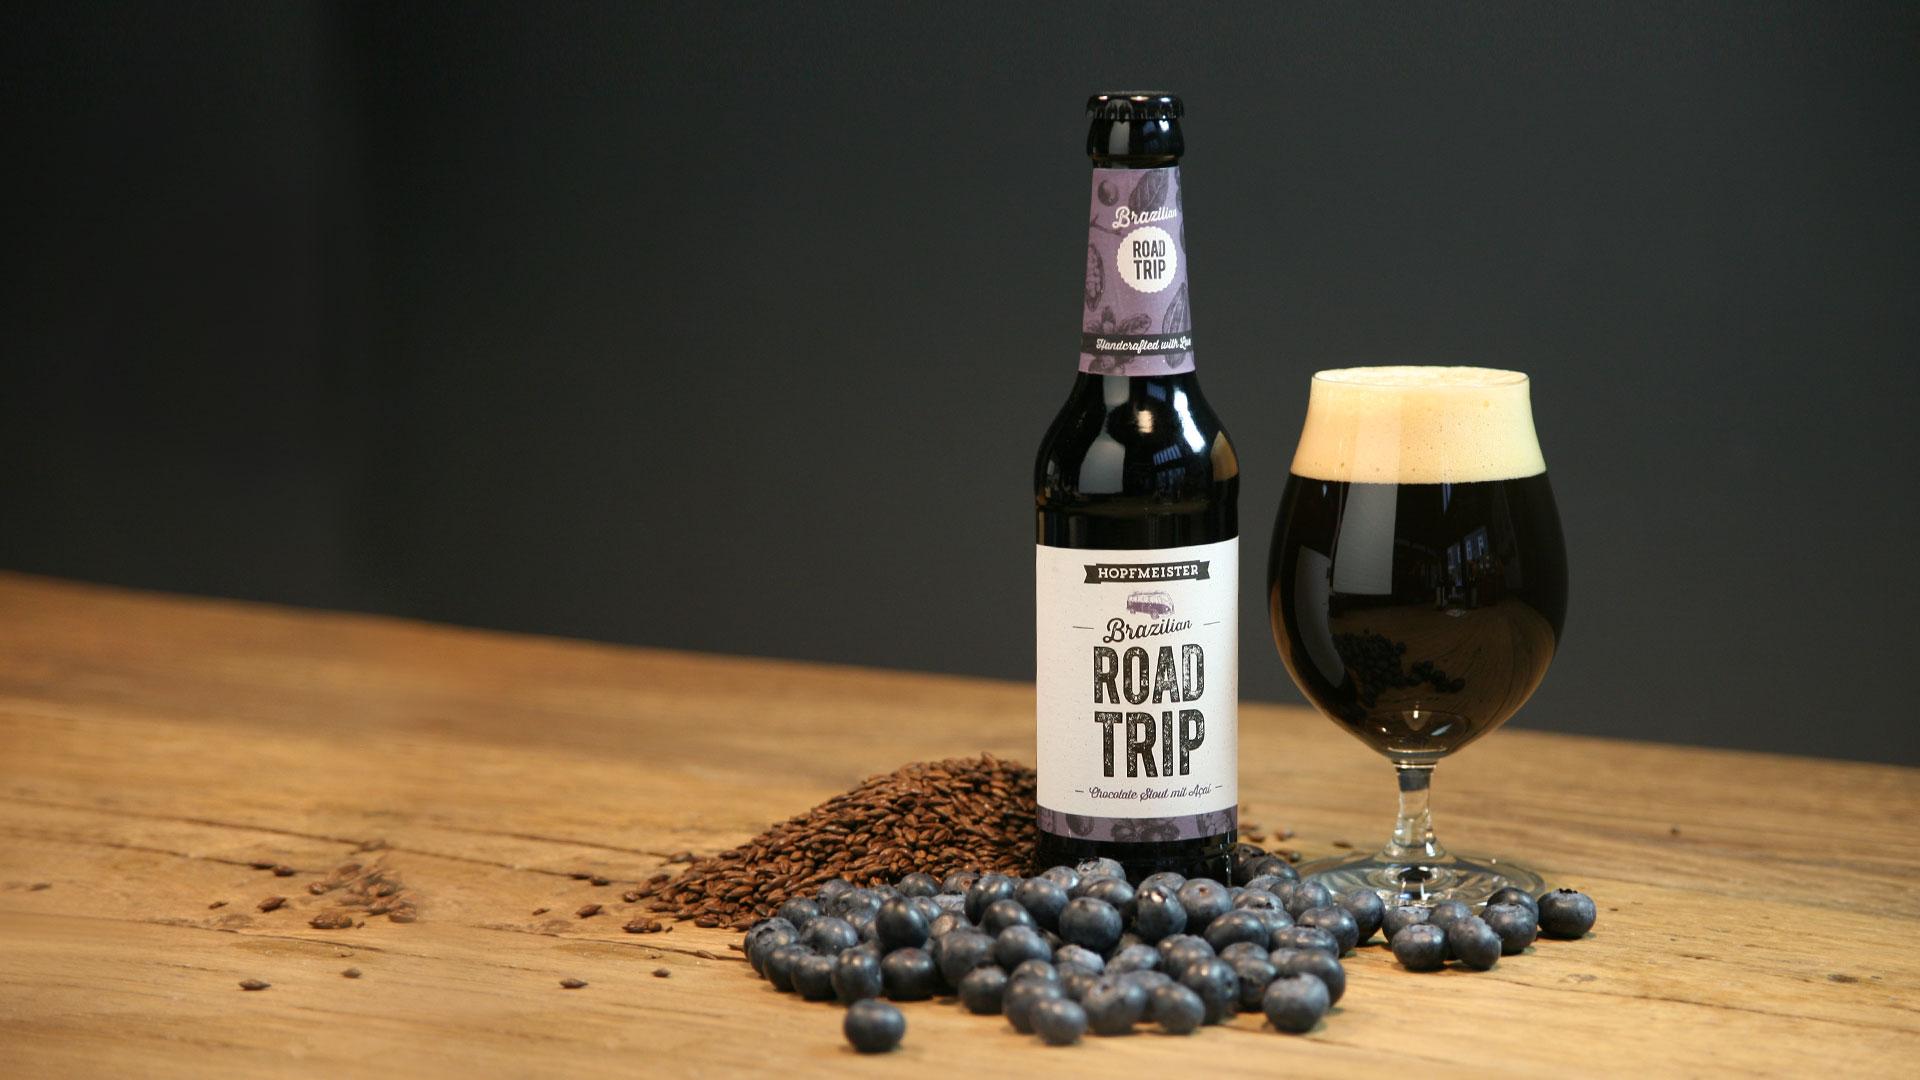 Hopfmeister Roadtrip Bier